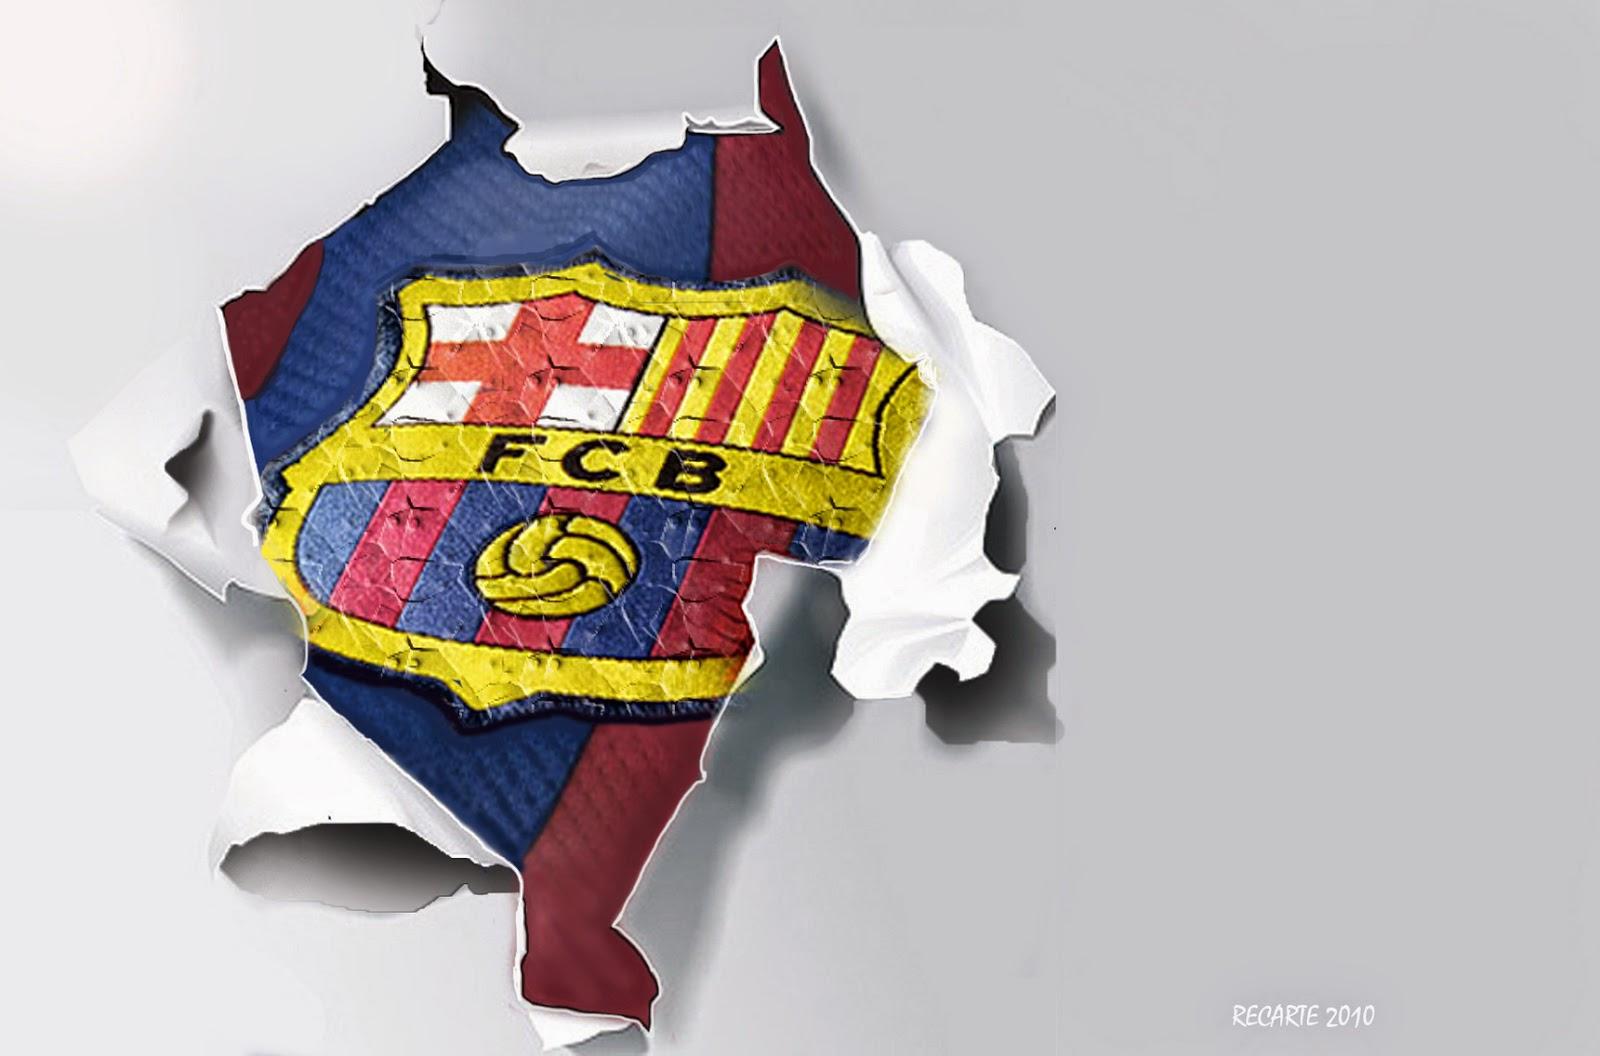 3d Hd Live Wallpaper Apk Barcelona Football Club Wallpaper Football Wallpaper Hd